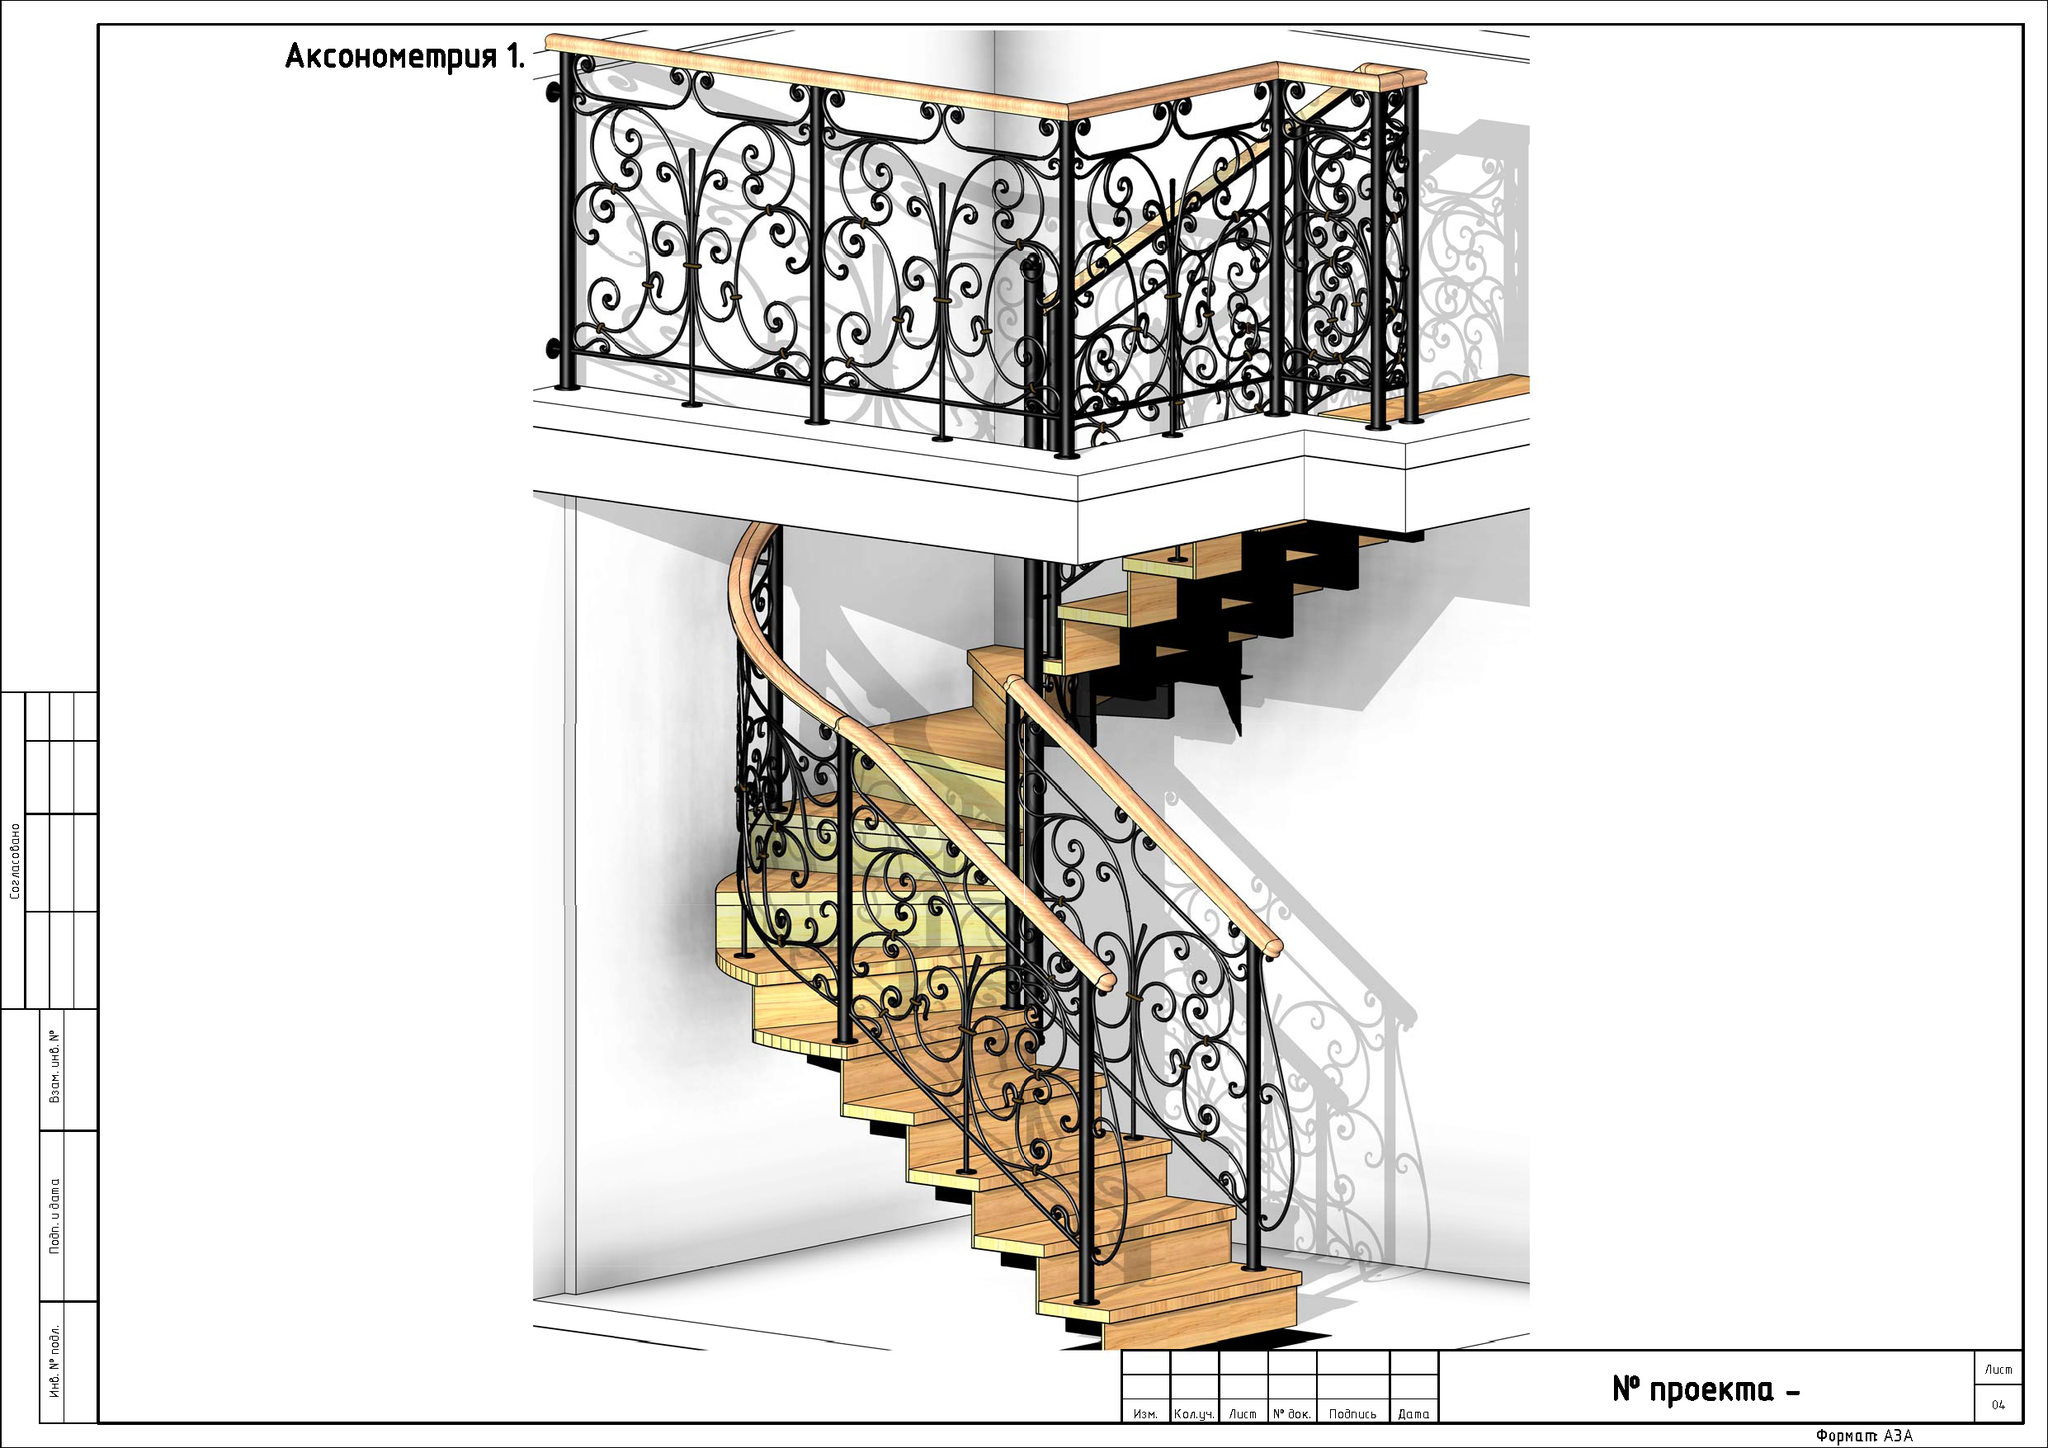 Аксонометрия. Лестница с кованым ограждением.